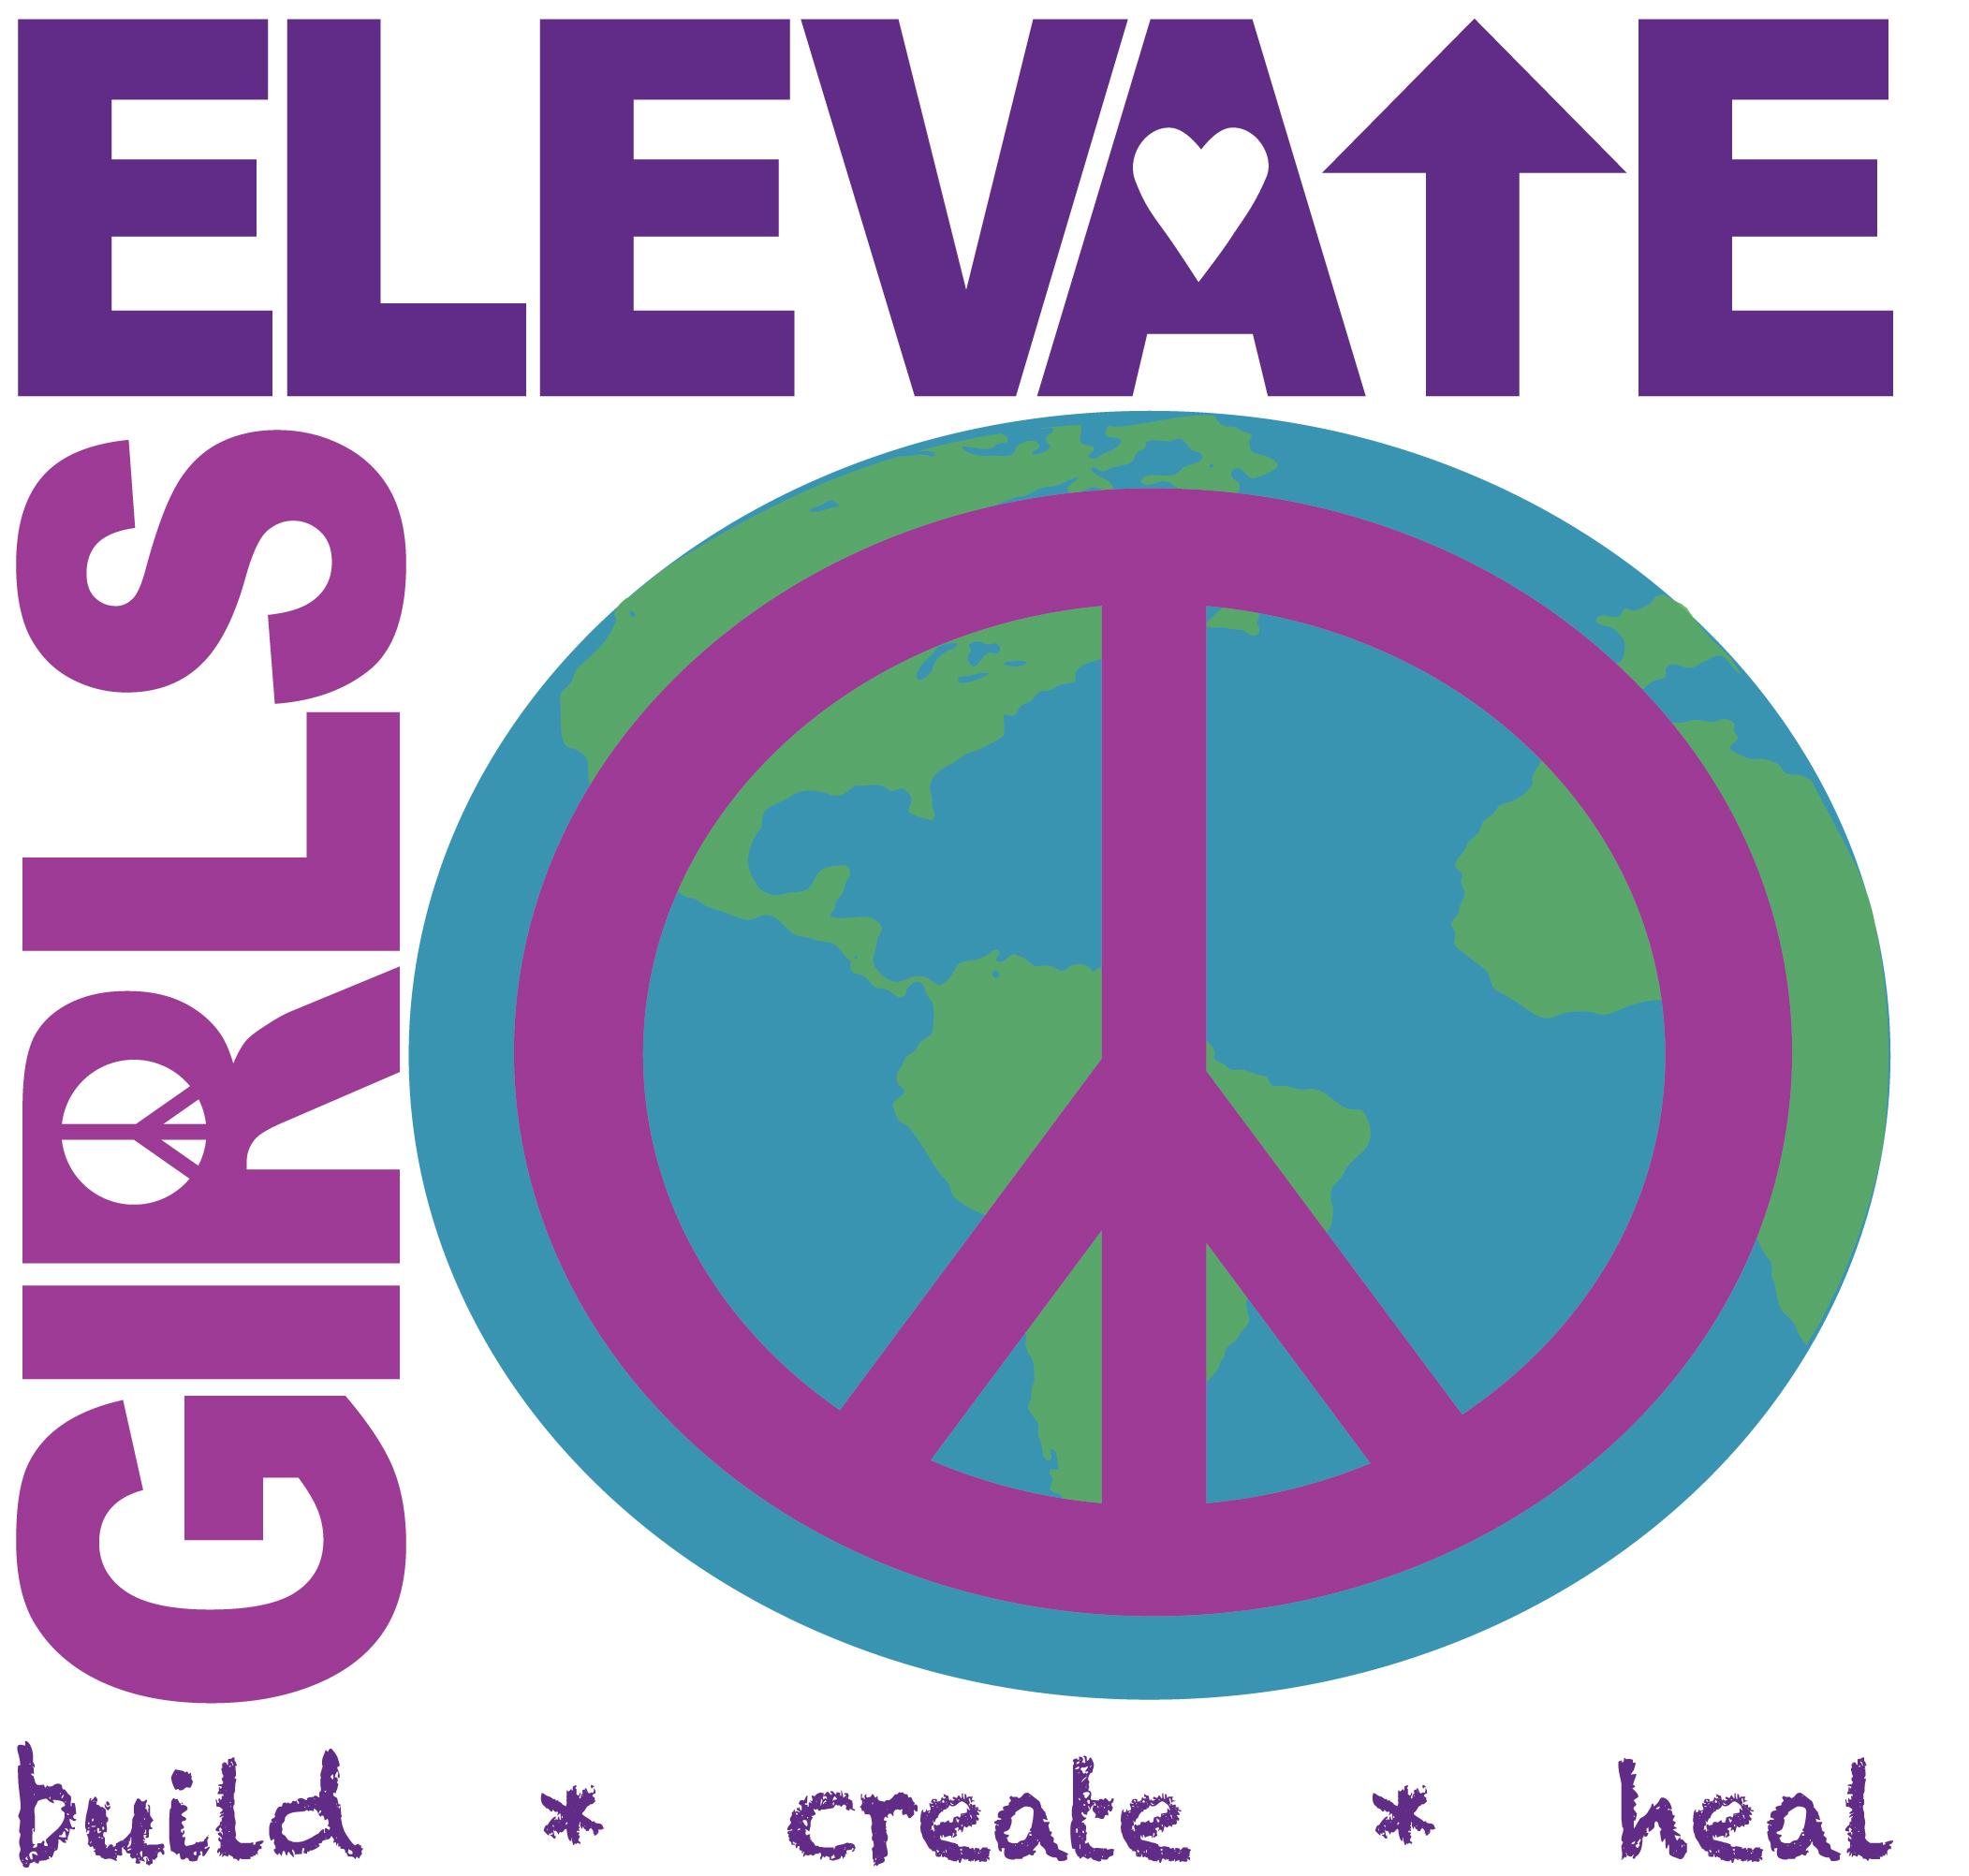 girlselevate_logo (1).jpg